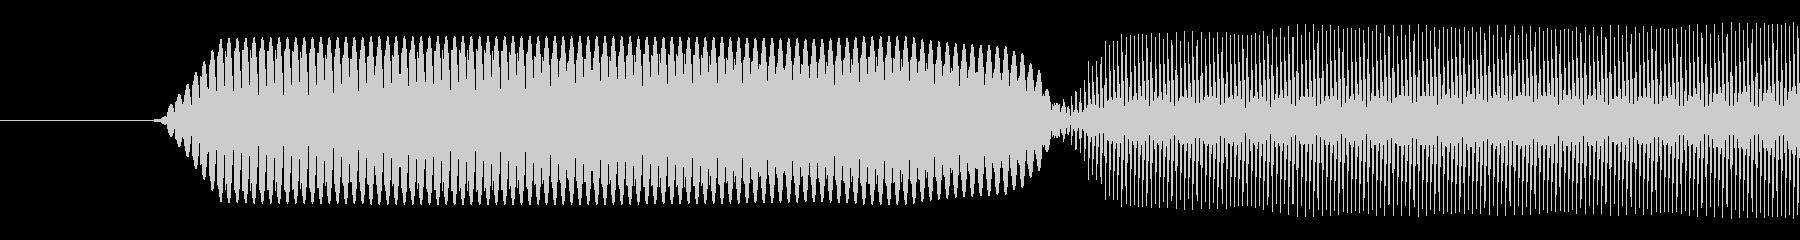 ピコッ/入力成功/8ビット系の未再生の波形